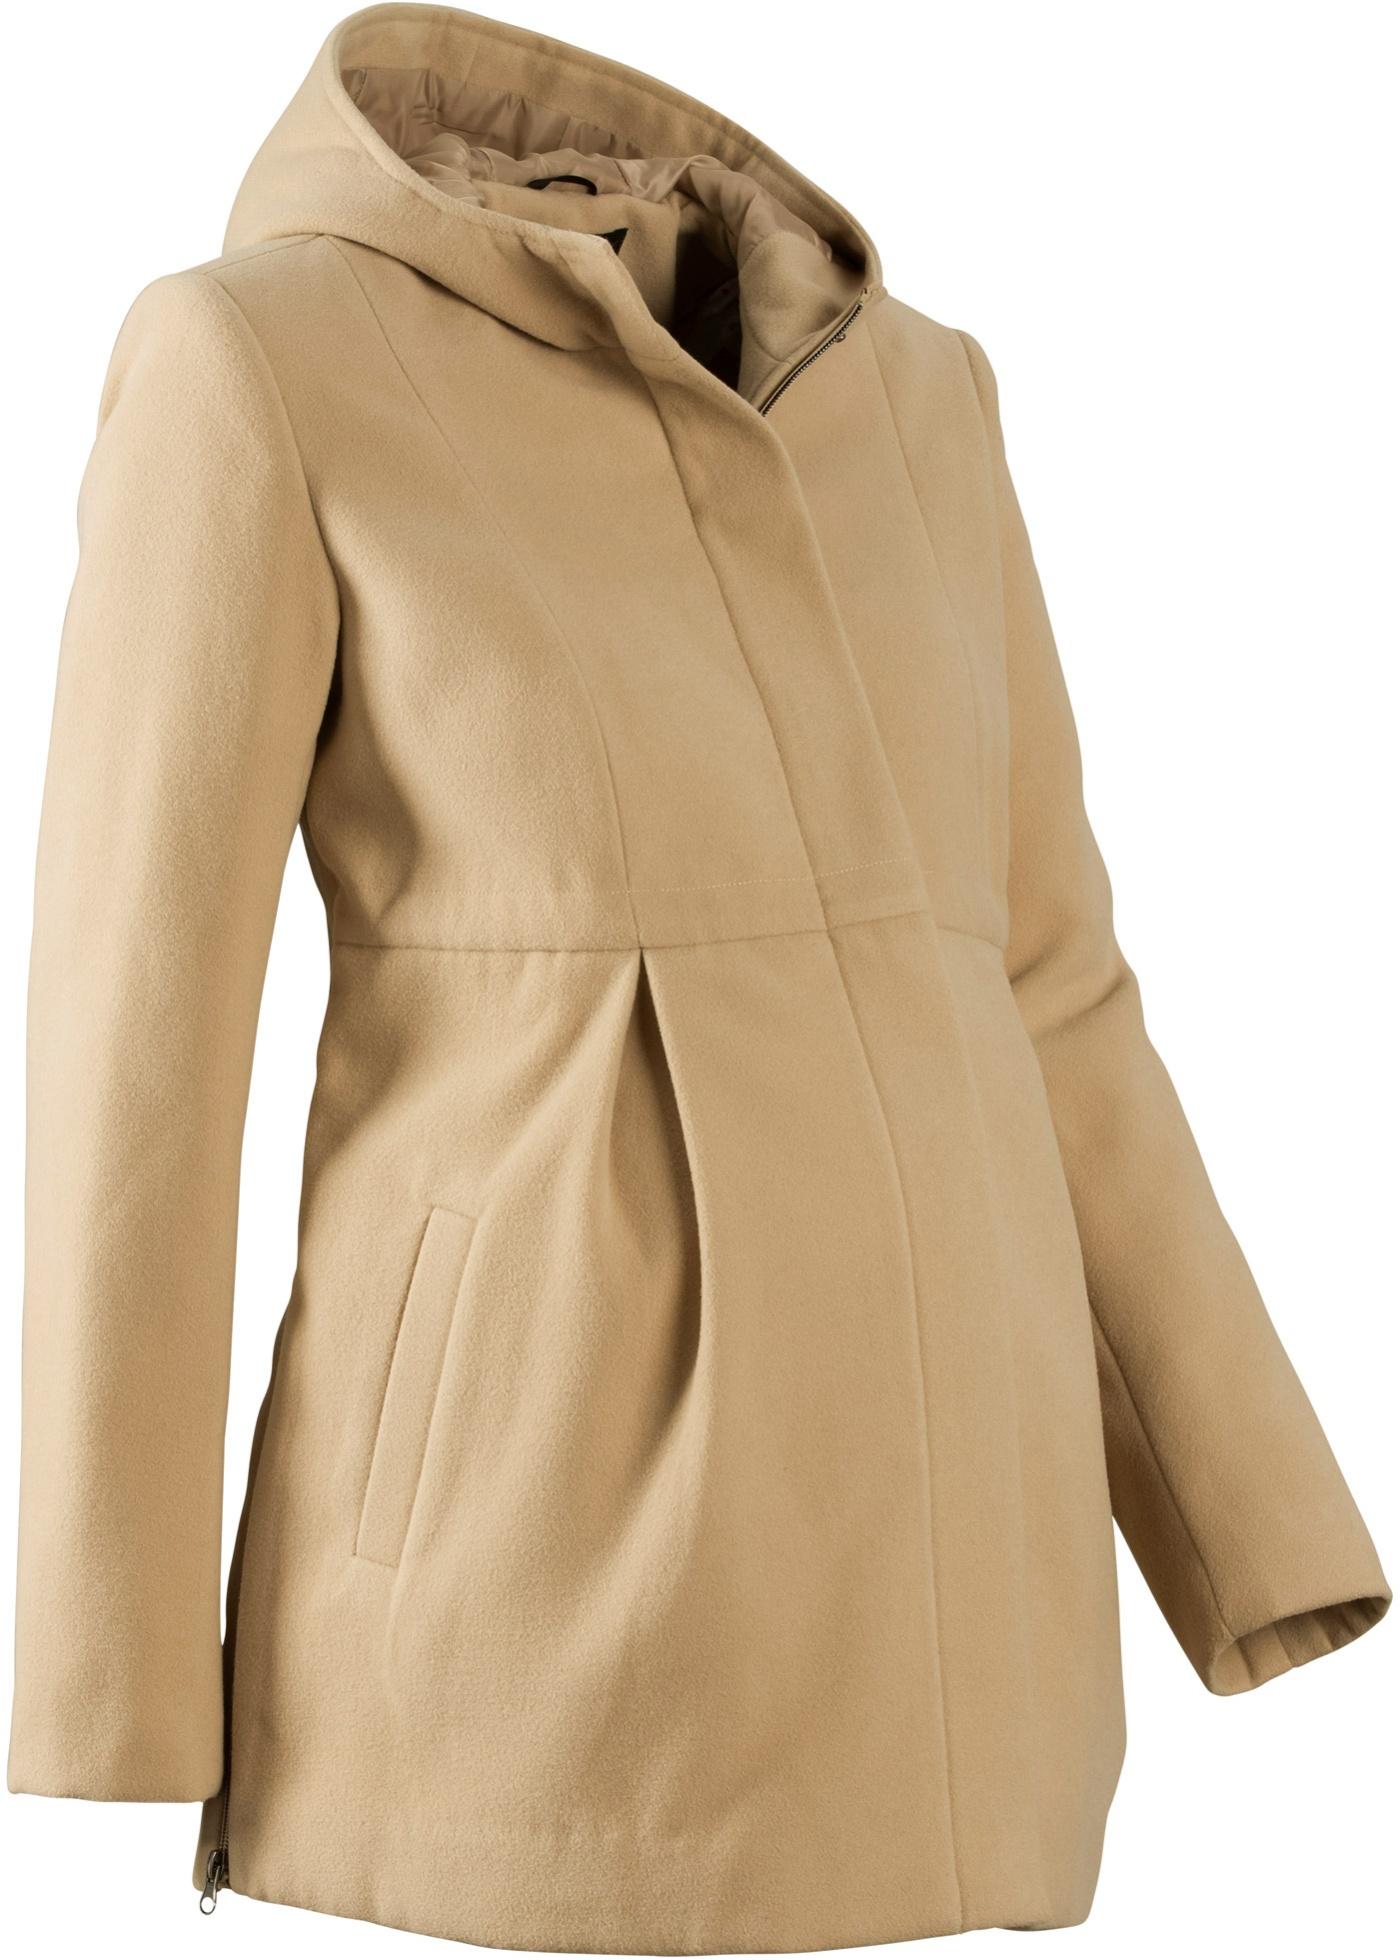 Manteau de grossesse avec capuche, ajustable